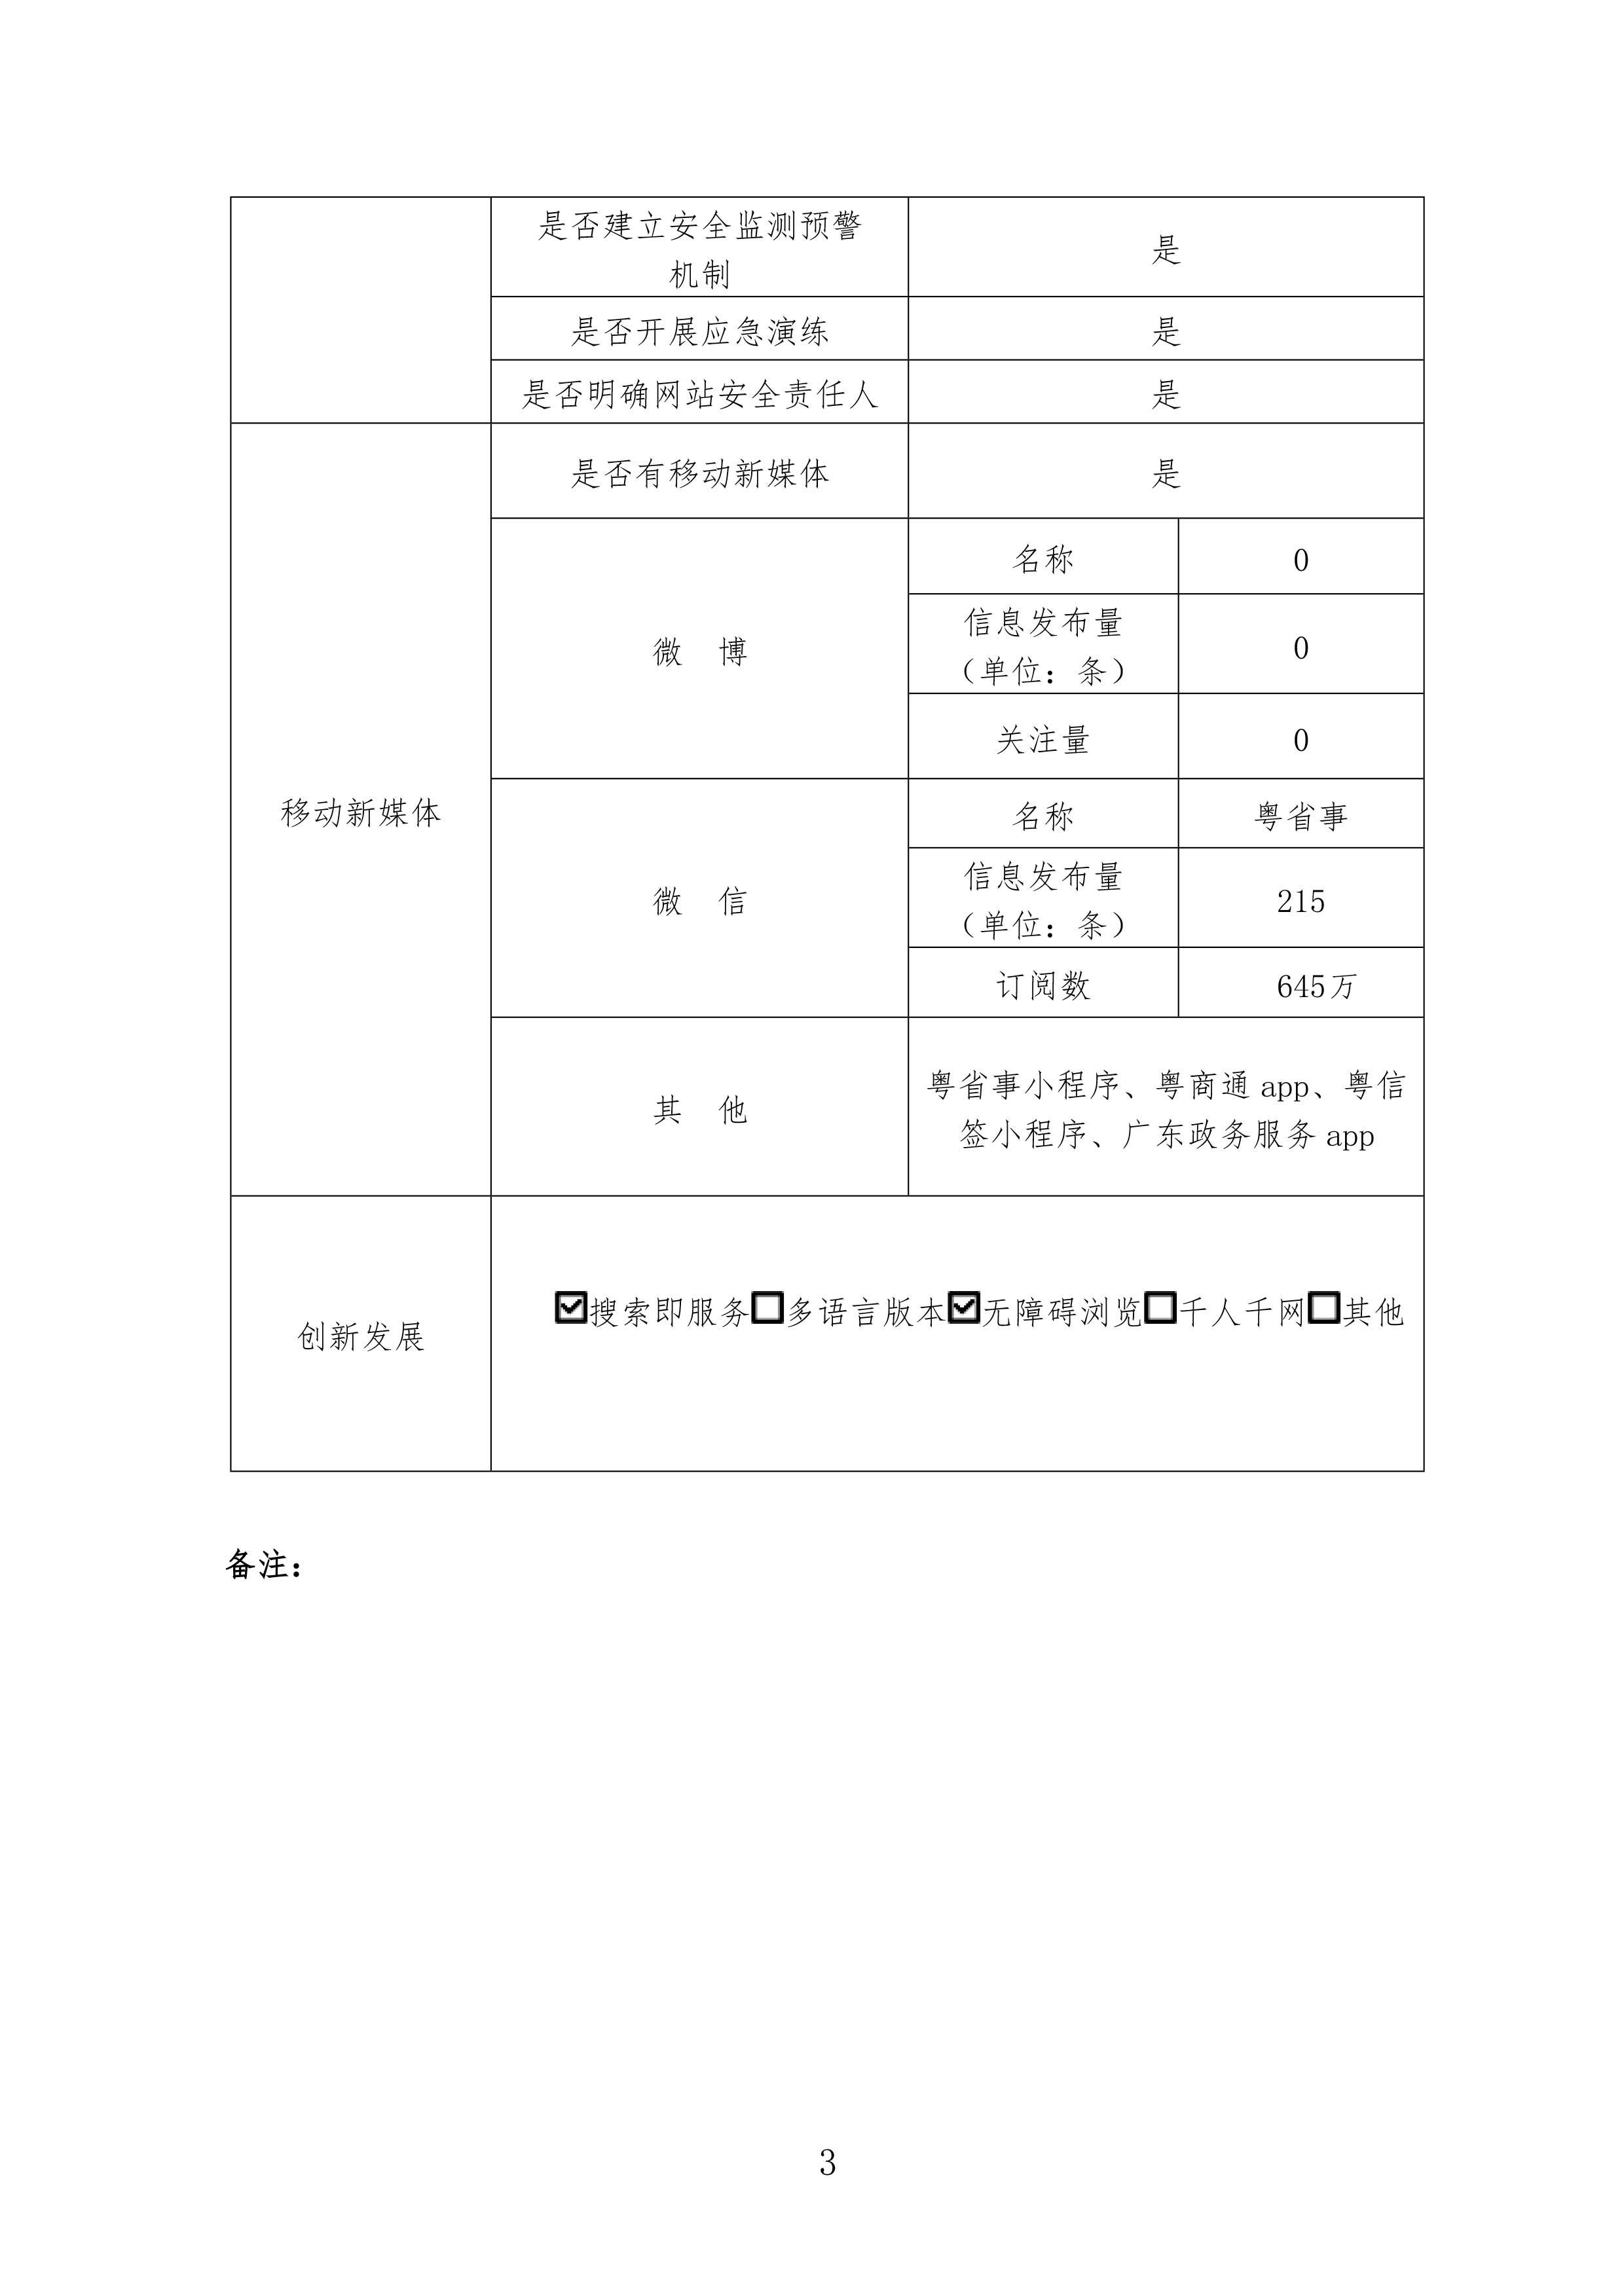 政府网站工作年度报表2019-3.jpg